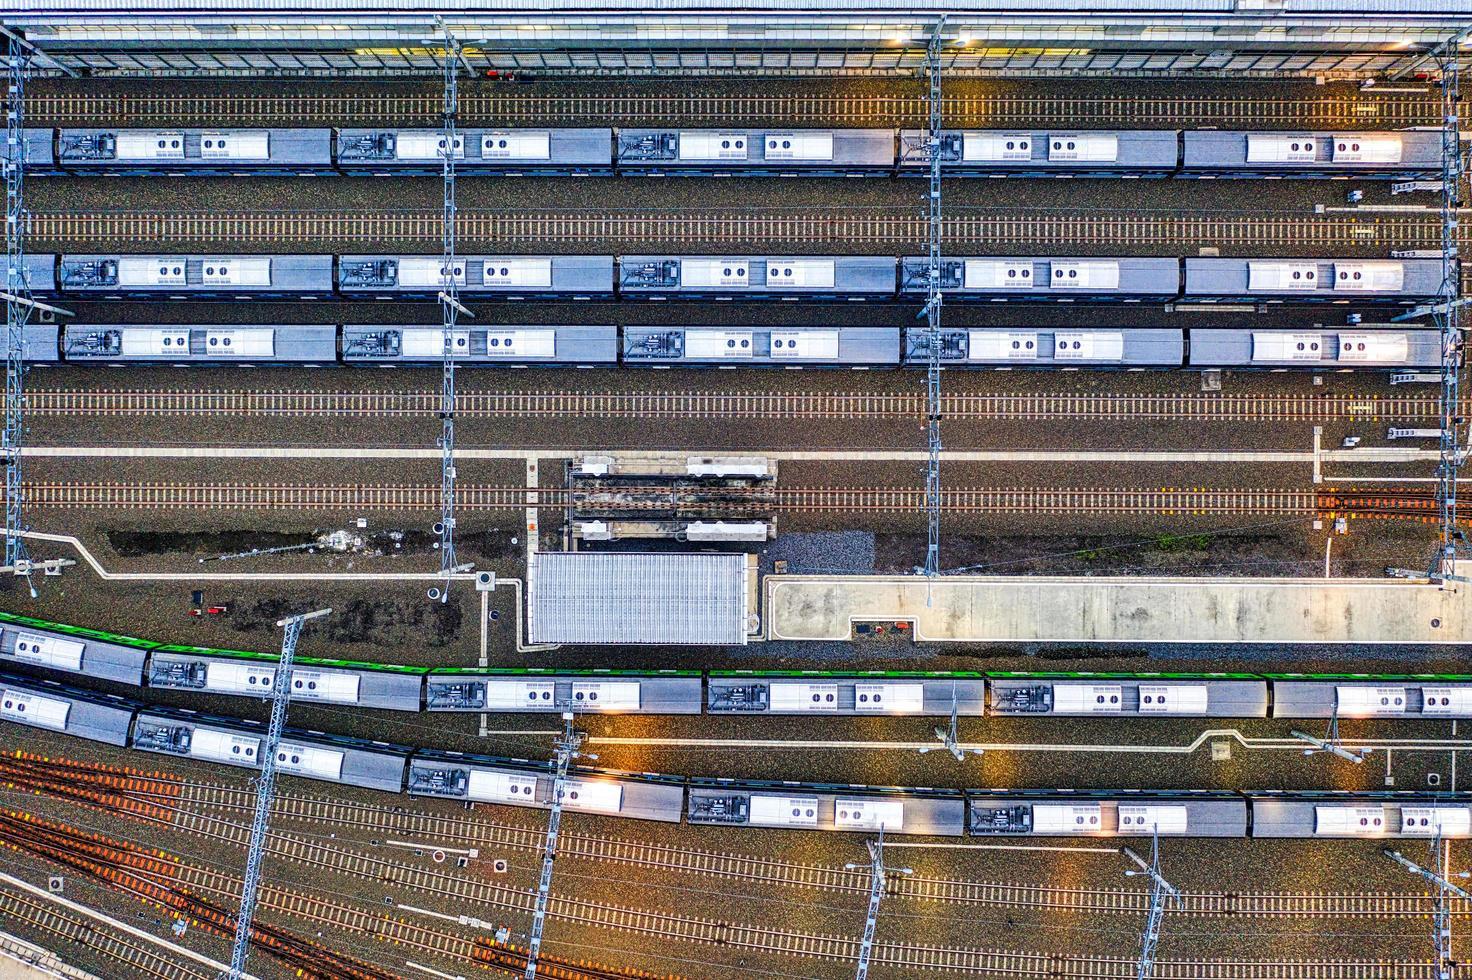 vista aerea della stazione ferroviaria foto